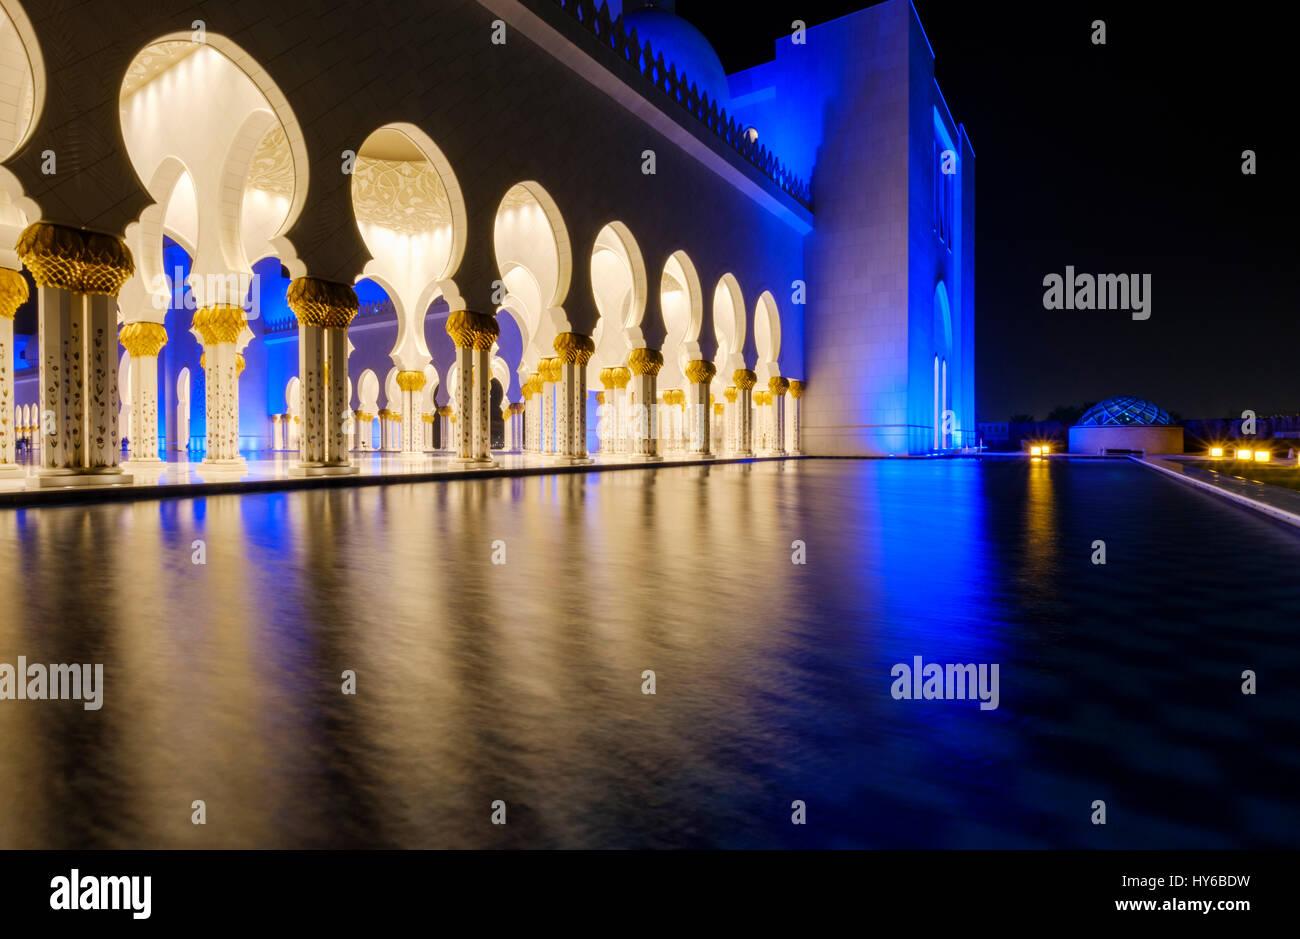 Vereinigte Arabische Emirate, ABU DHABI - ca. Januar 2017: Pool, Bögen und Säulen der Sheikh-Zayed-Moschee Stockbild